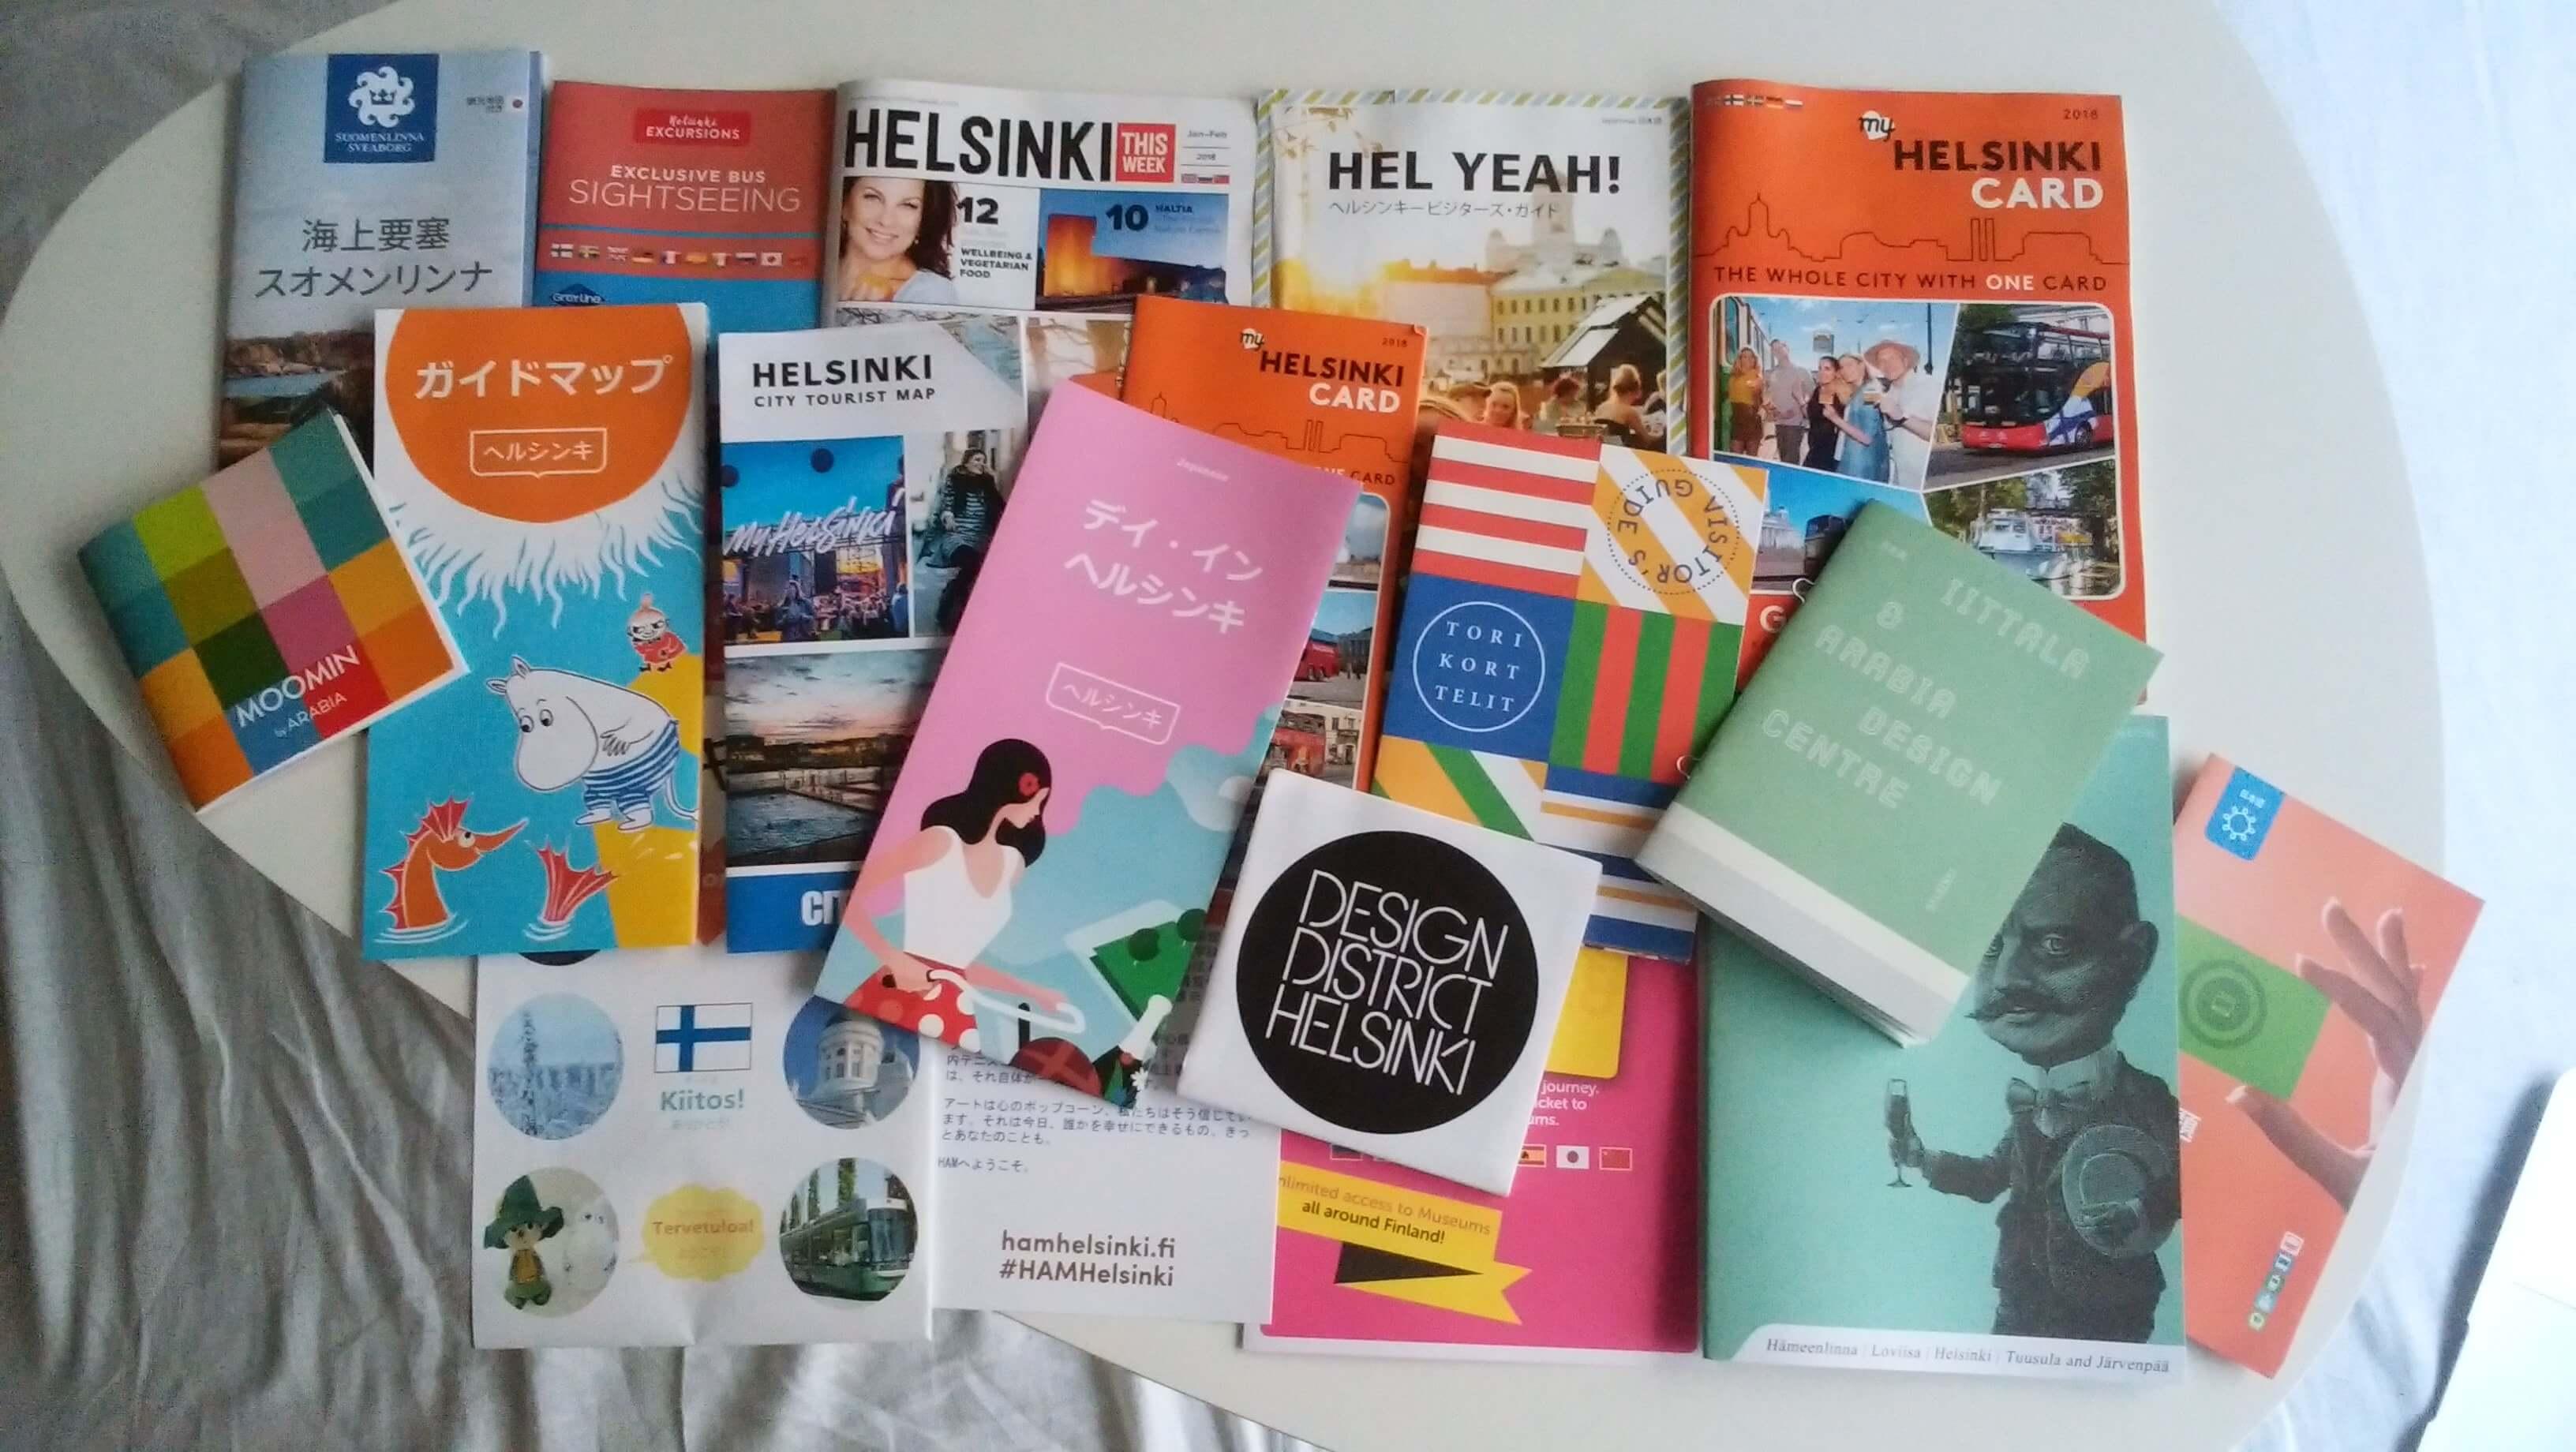 ヘルシンキの観光案内所で手に入れたパンフレットを持ち帰ってきた